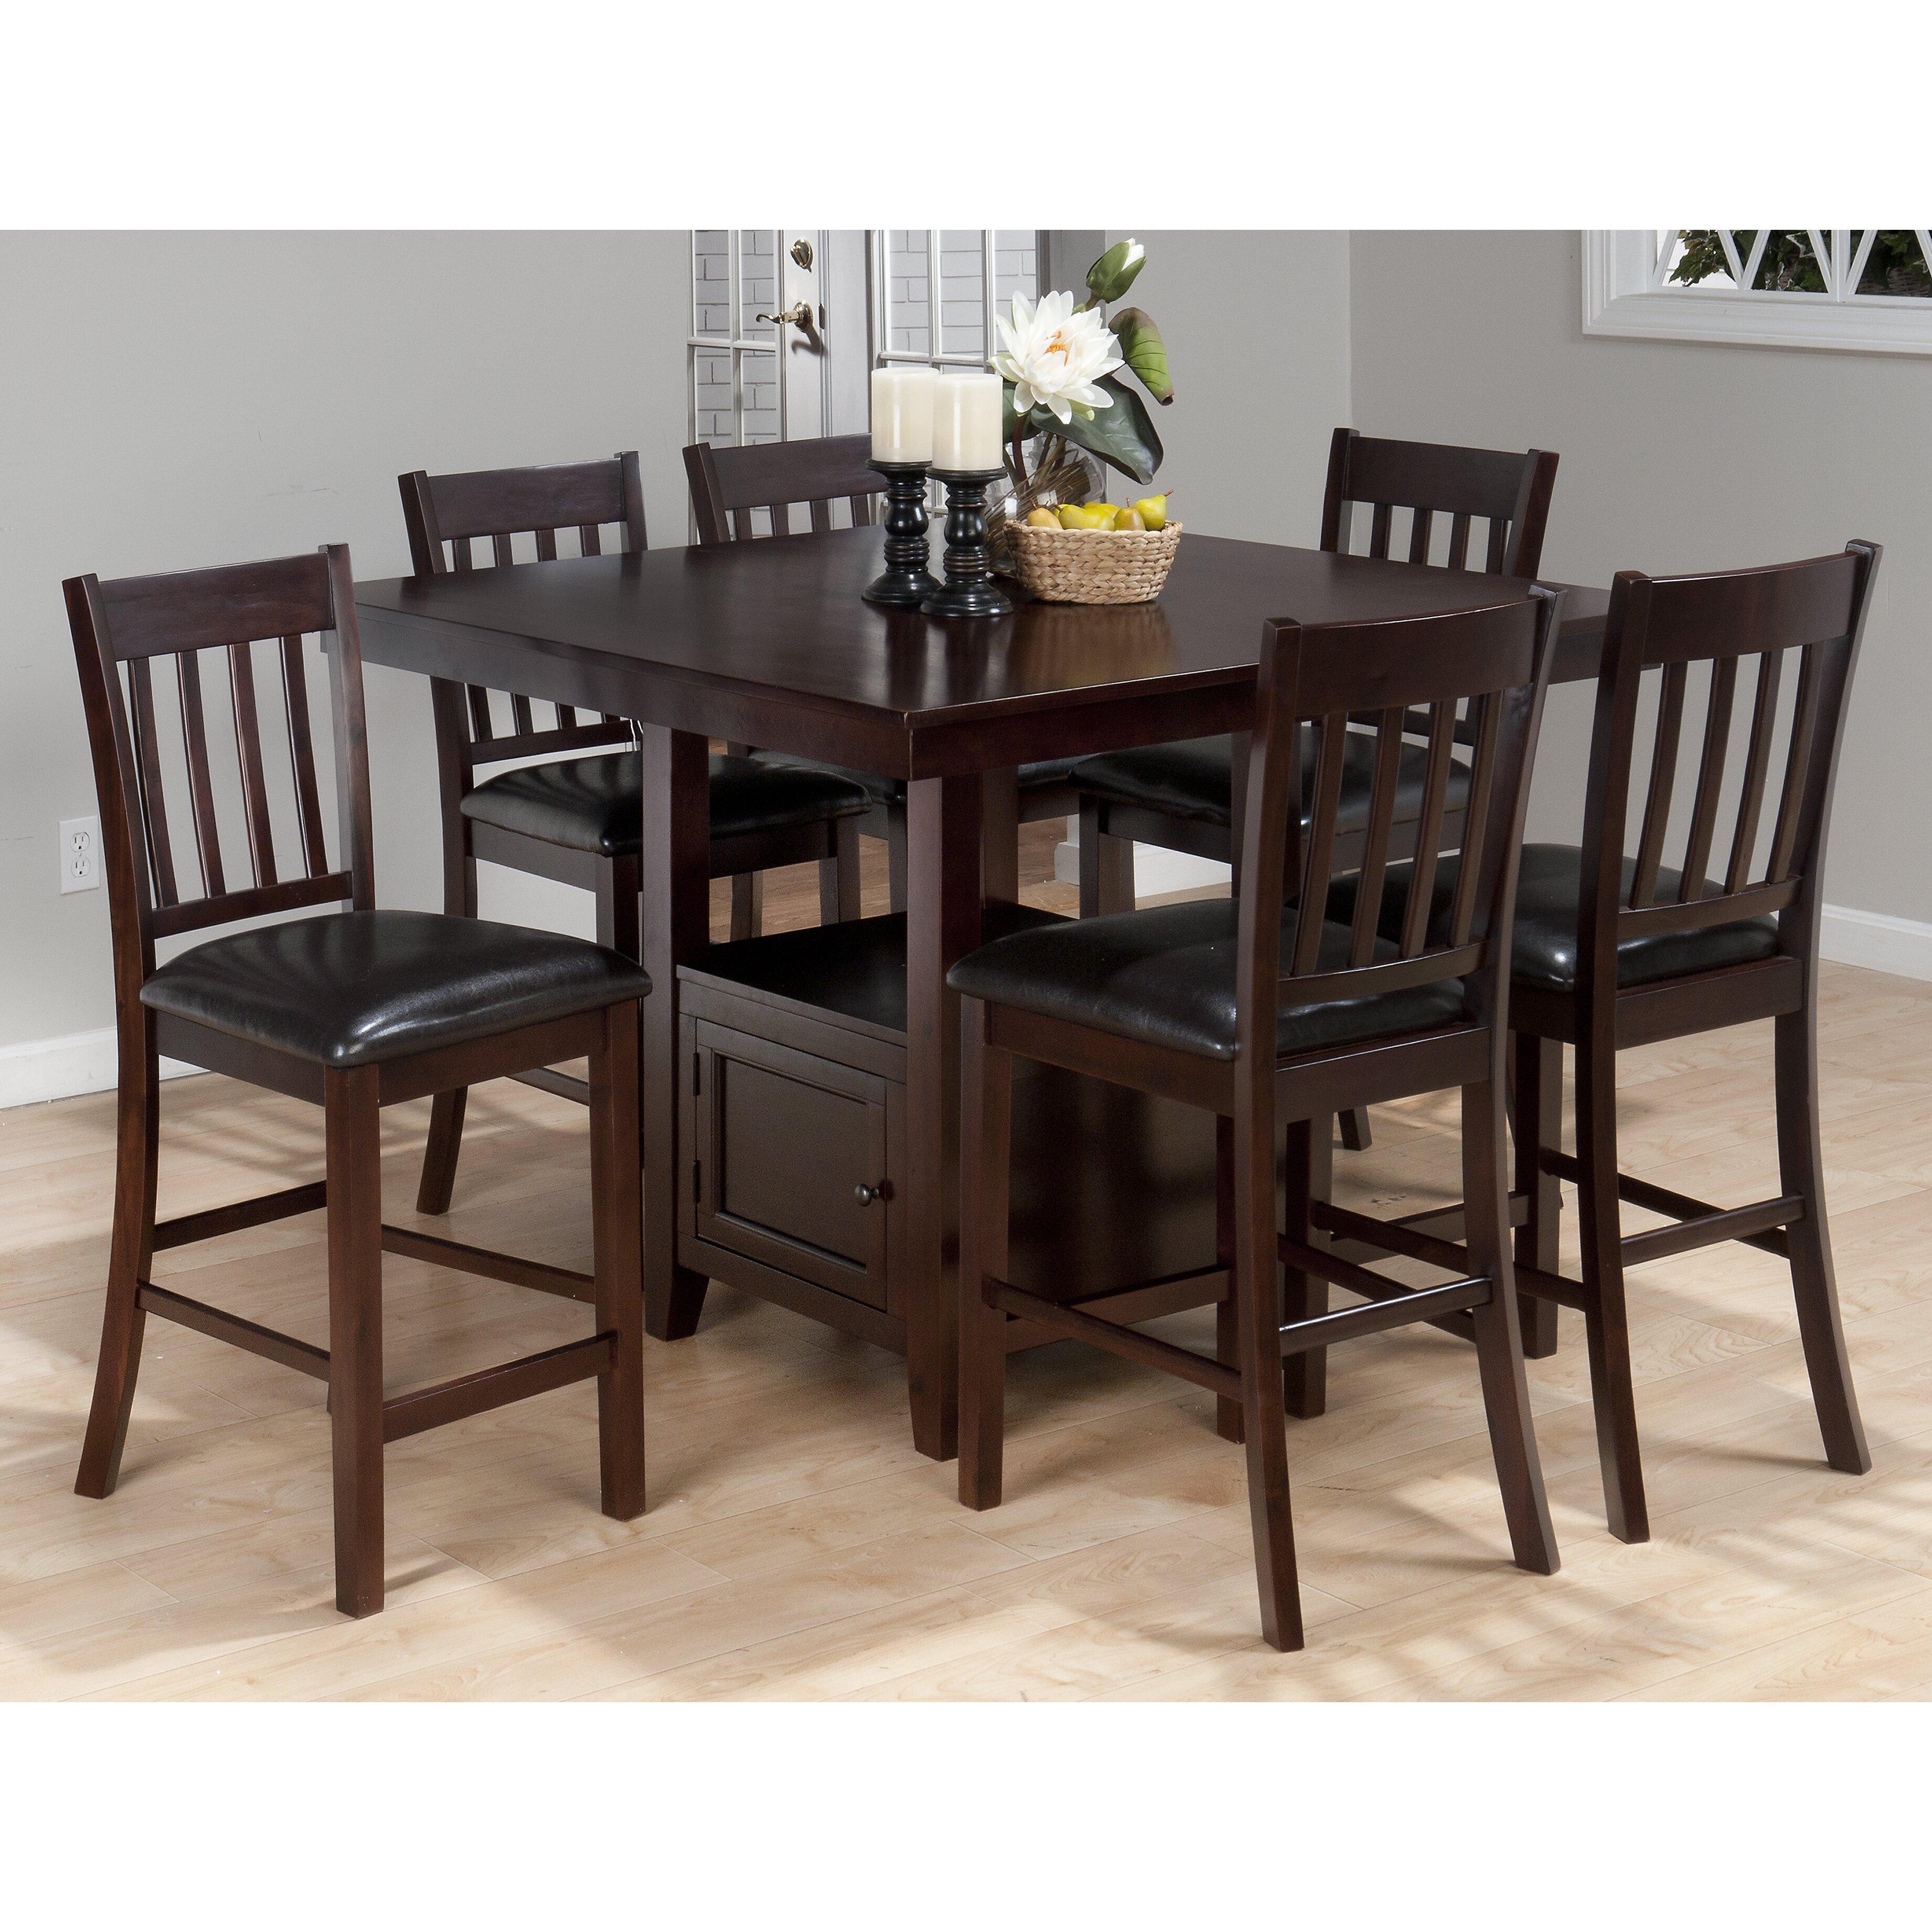 Alcott hill oakmeadow 7 piece dining set reviews wayfair for 7 piece dining set